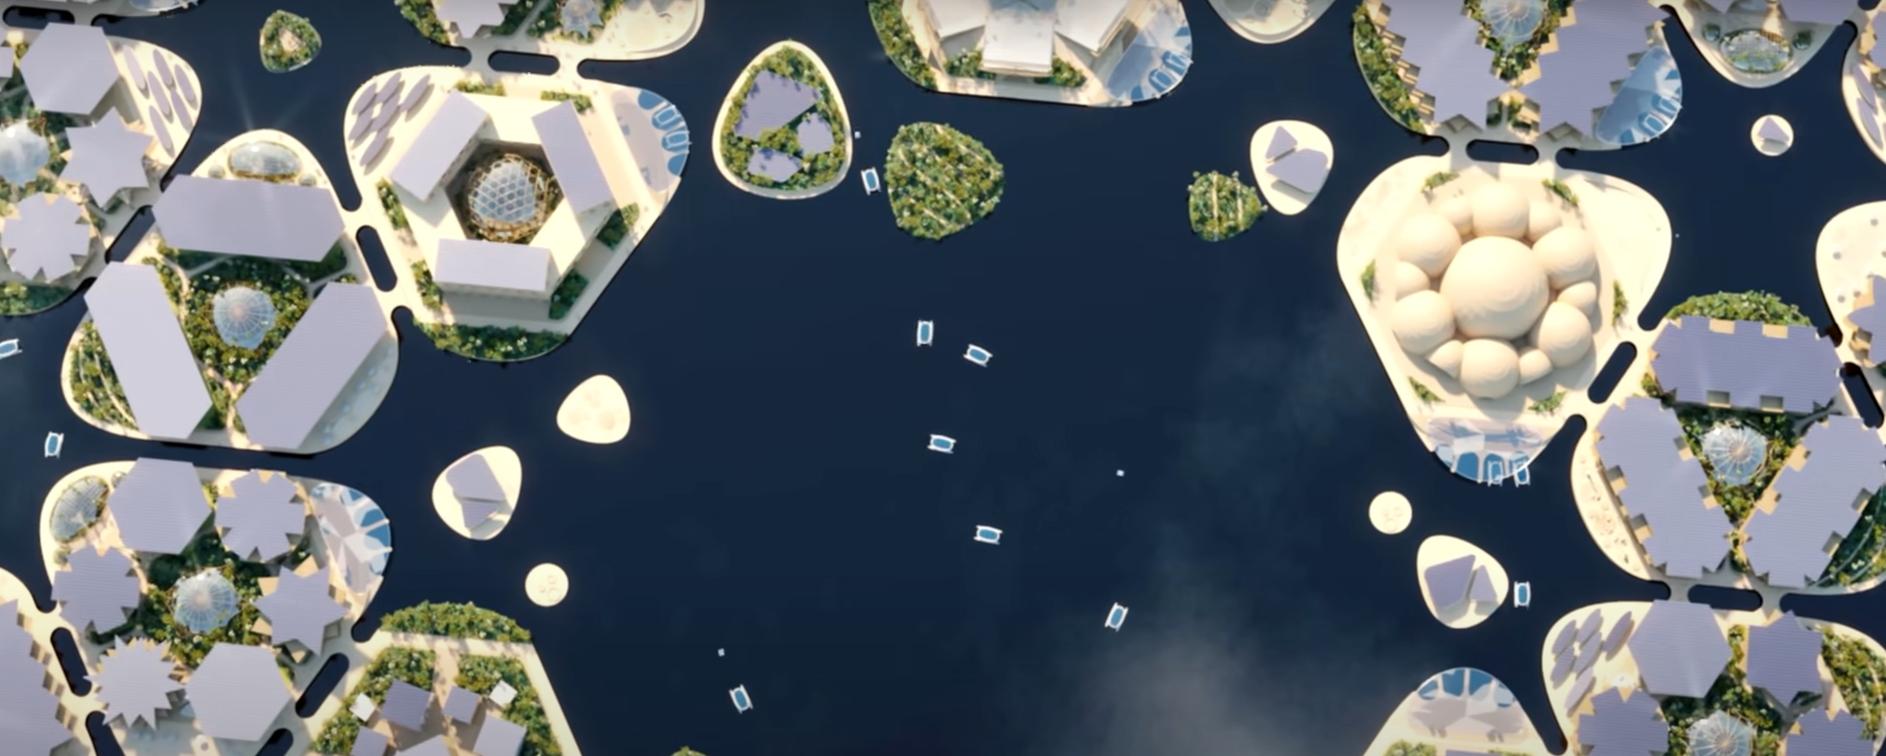 ciudad oceanix: la ciudad flotante en el mar 4